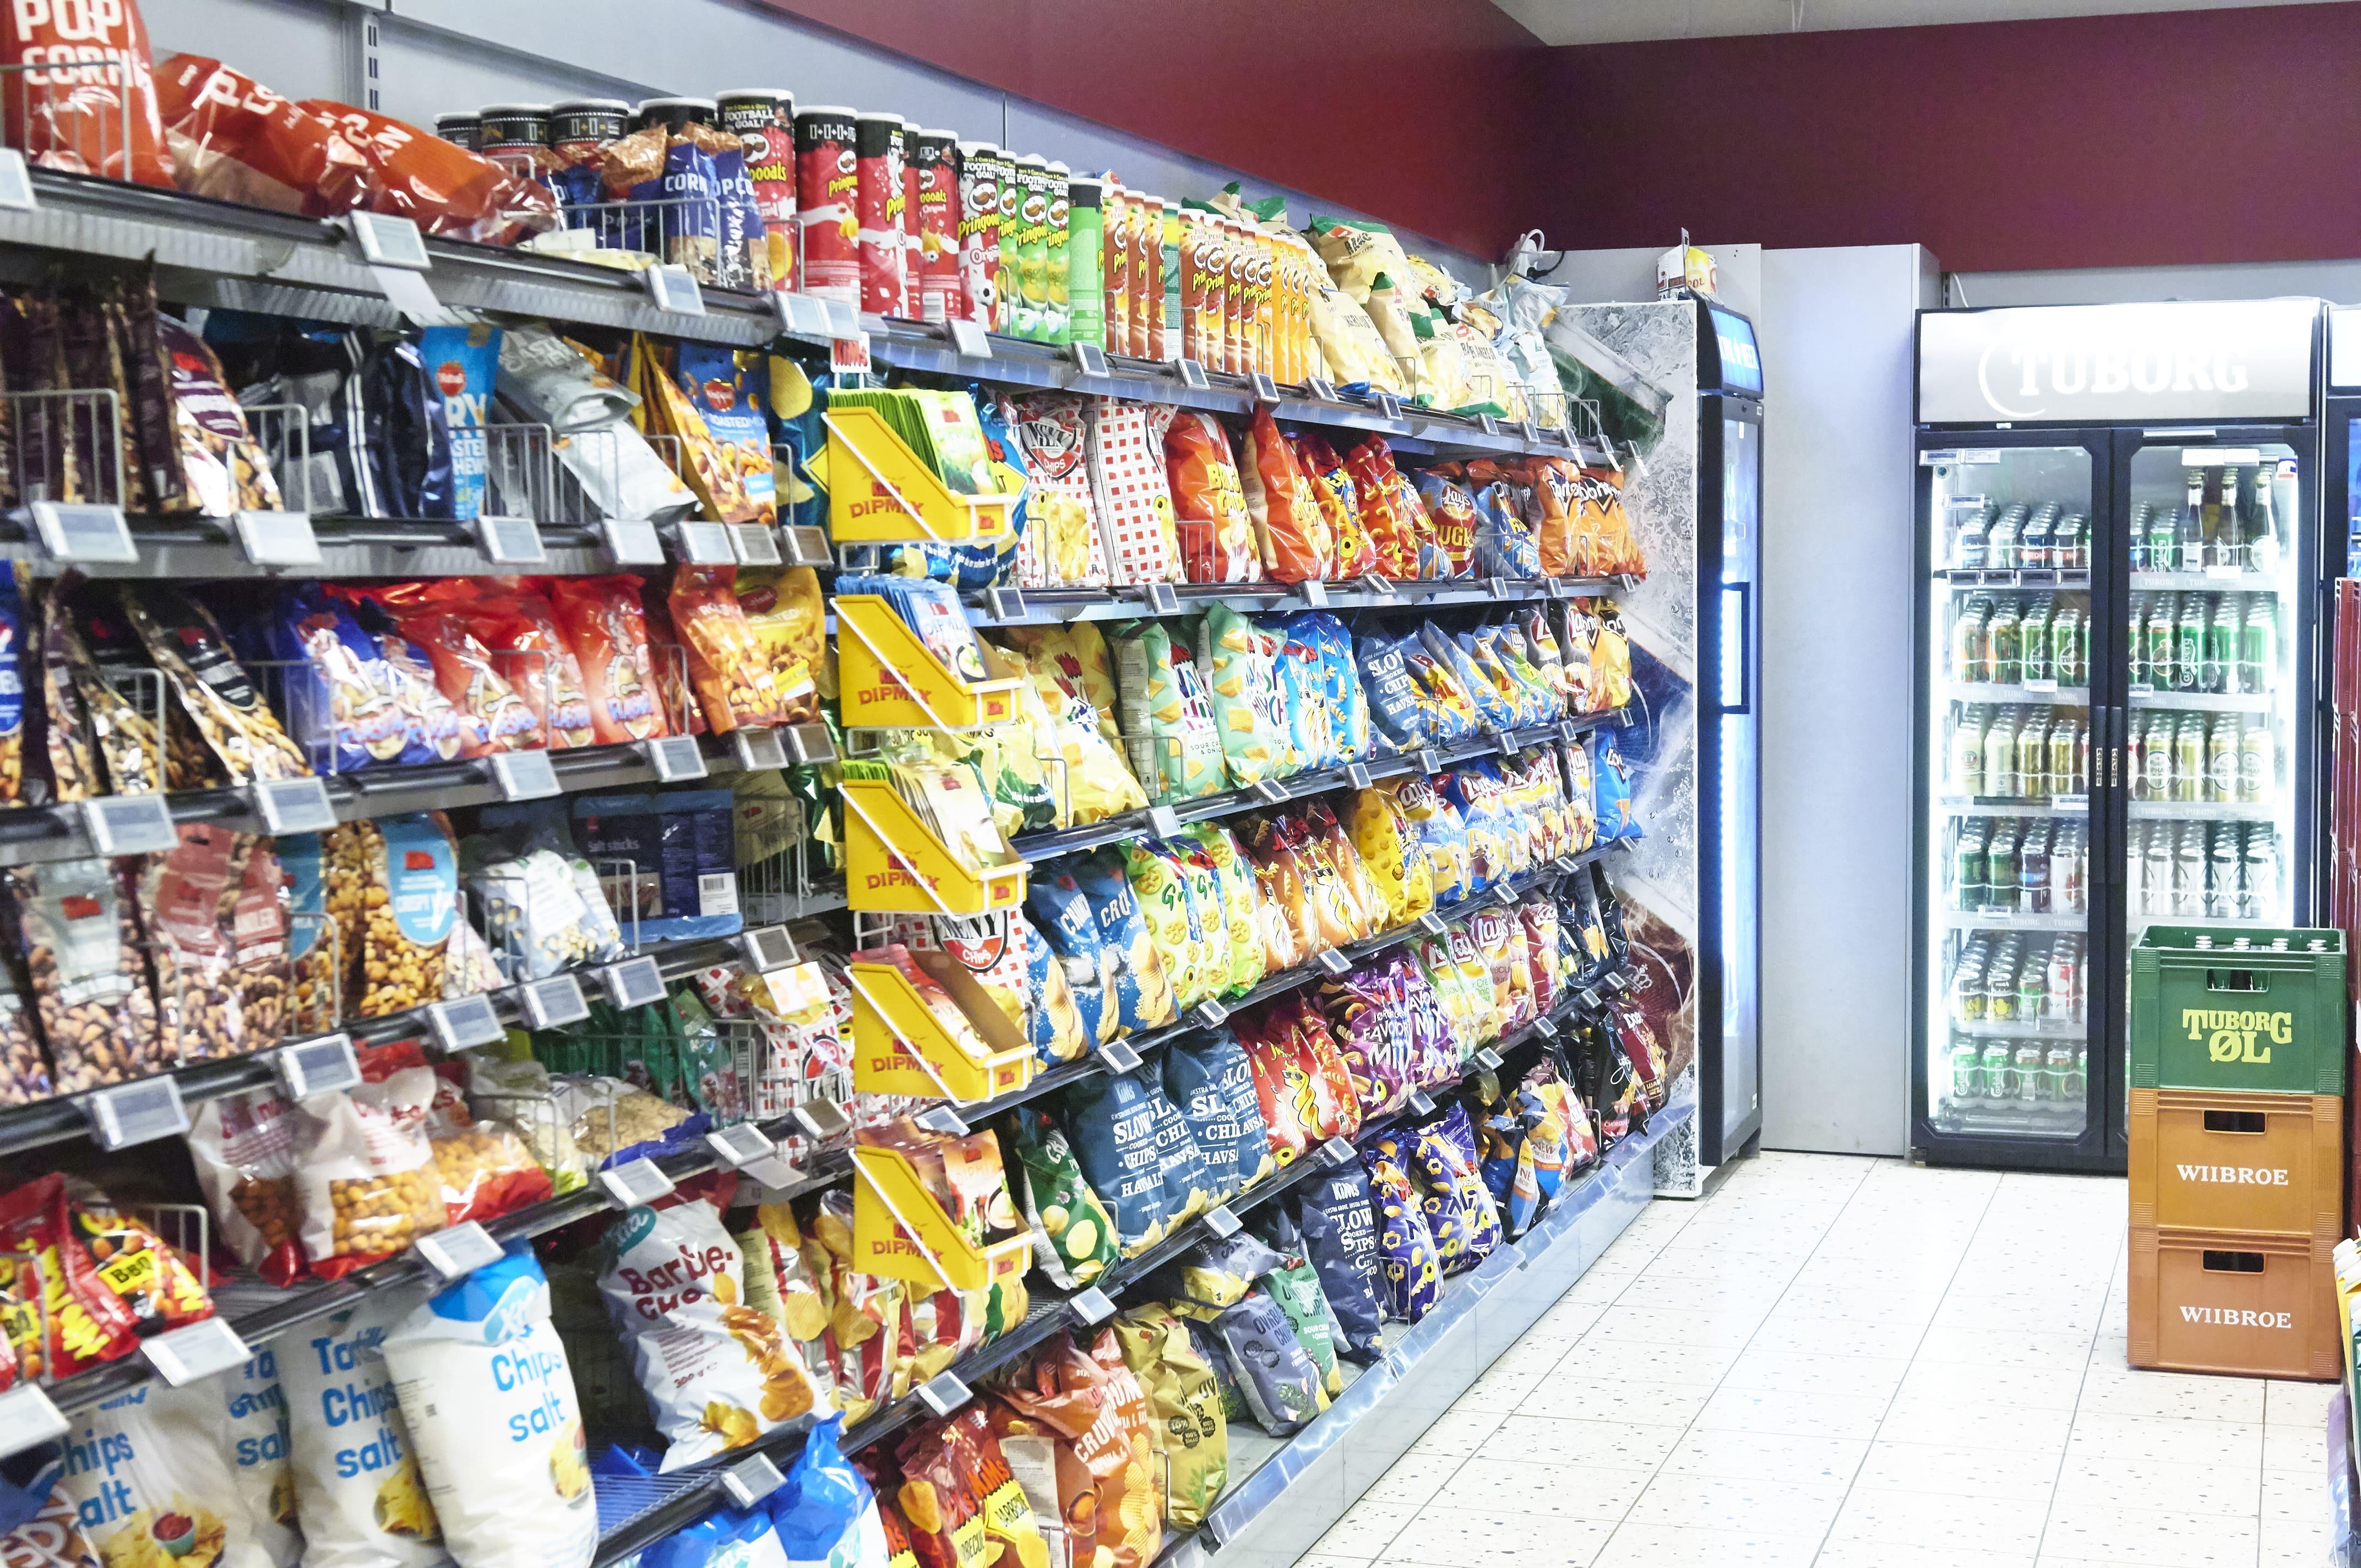 Kig ind i vores butik SuperBrugsen Hornbæk